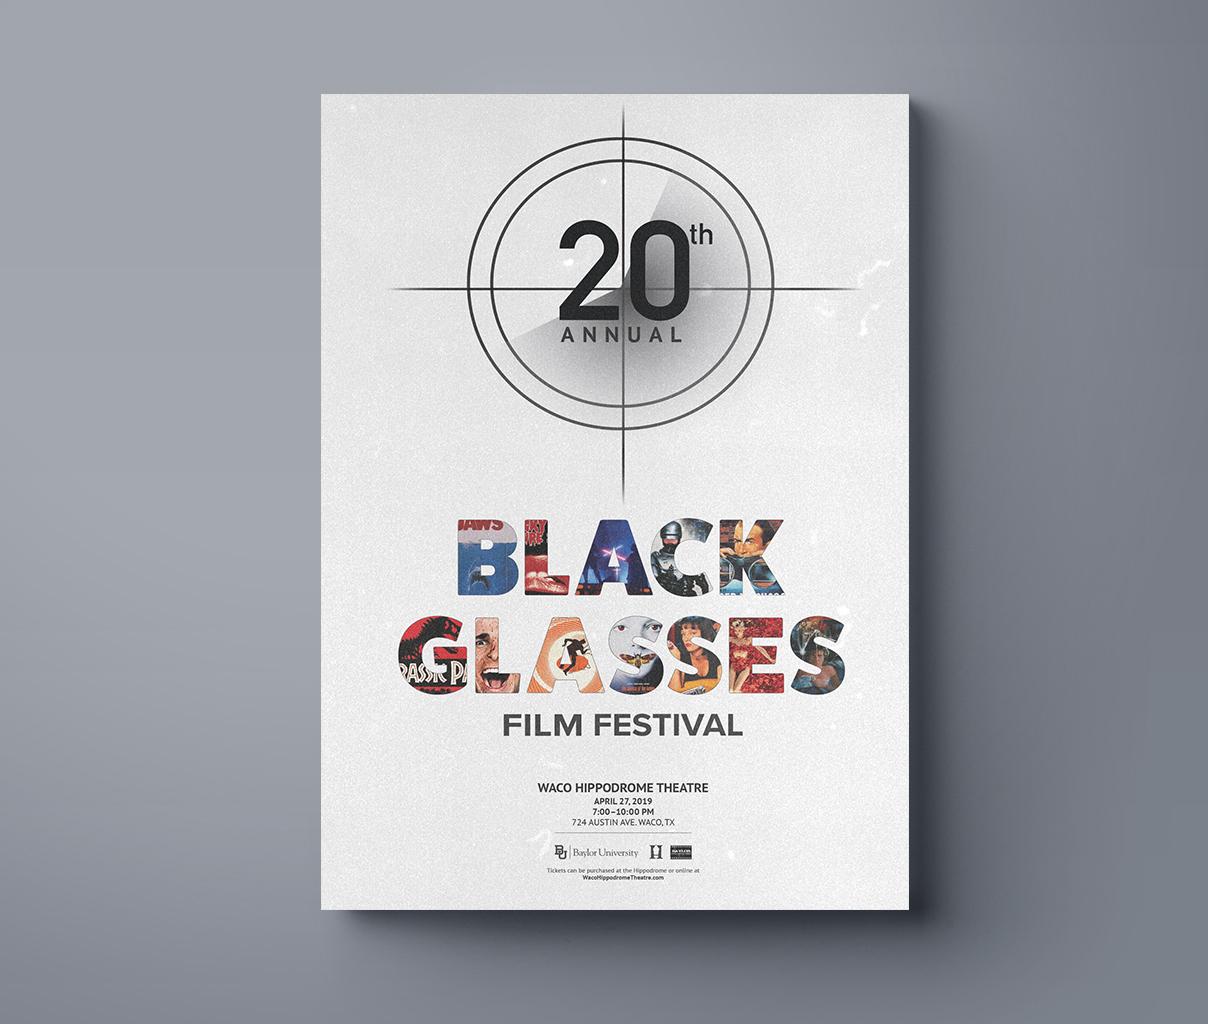 Black Glasses Film Festival Poster Design, Rachel Love